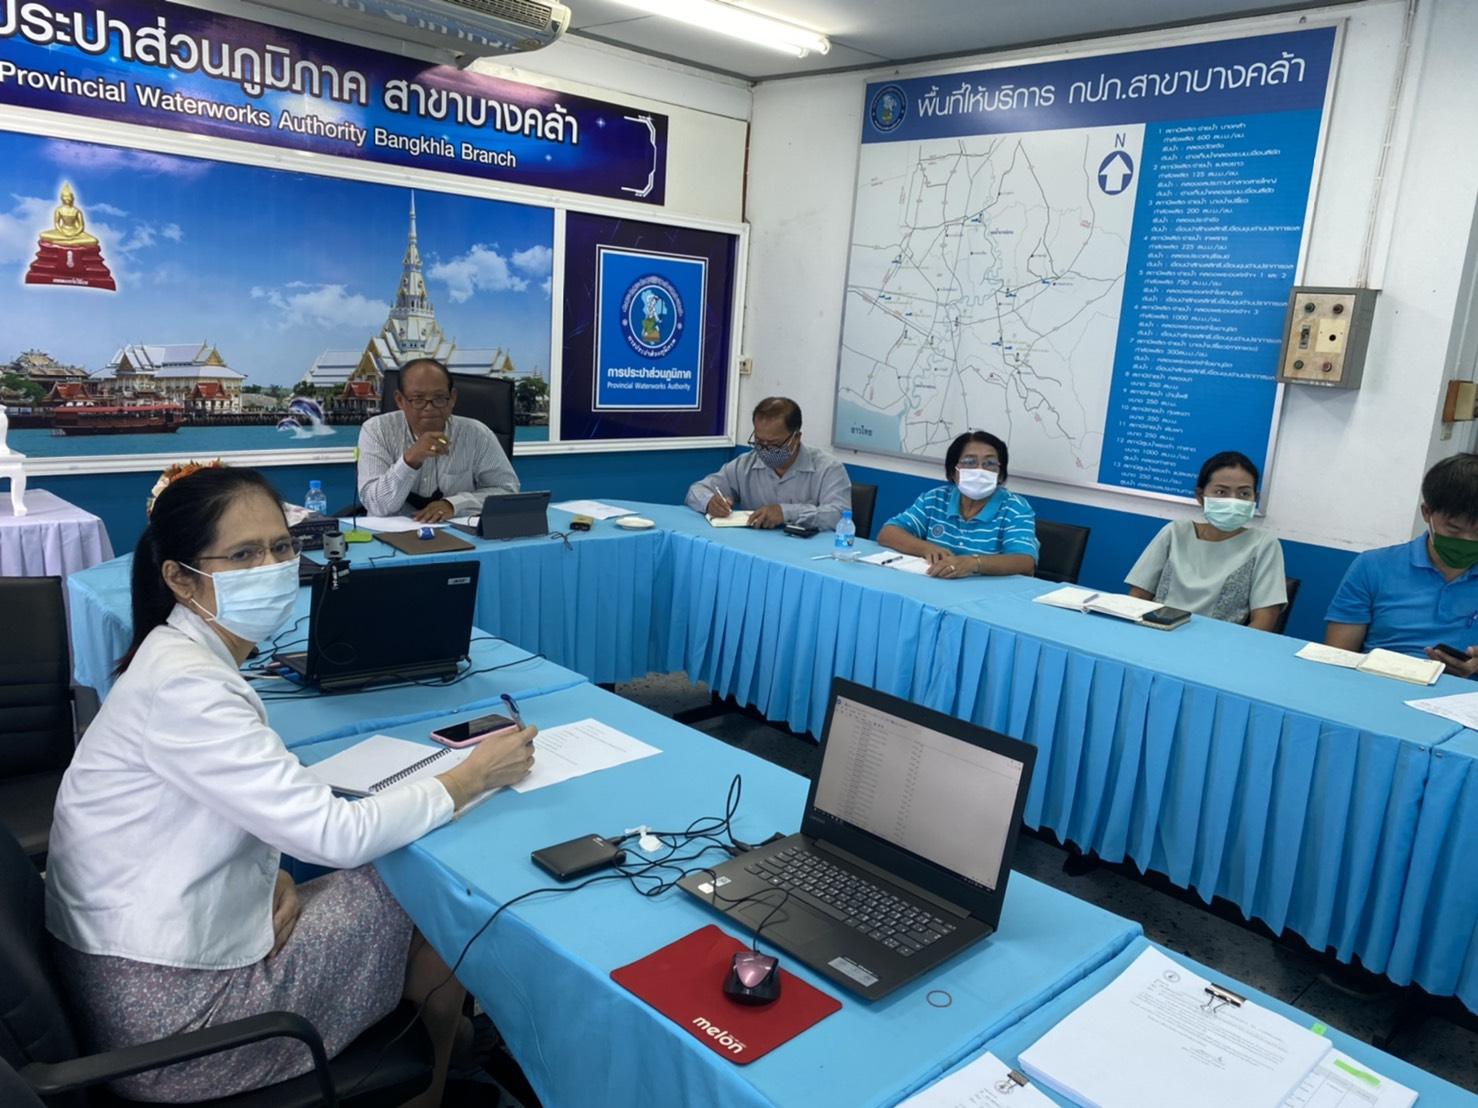 การประปาส่วนภูมิภาคสาขาบางคล้า เข้าร่วมประชุมซักซ้อม การปรับปรุงระบบการบริหารความต่อเนื่องทางธุรกิจ (BCM)